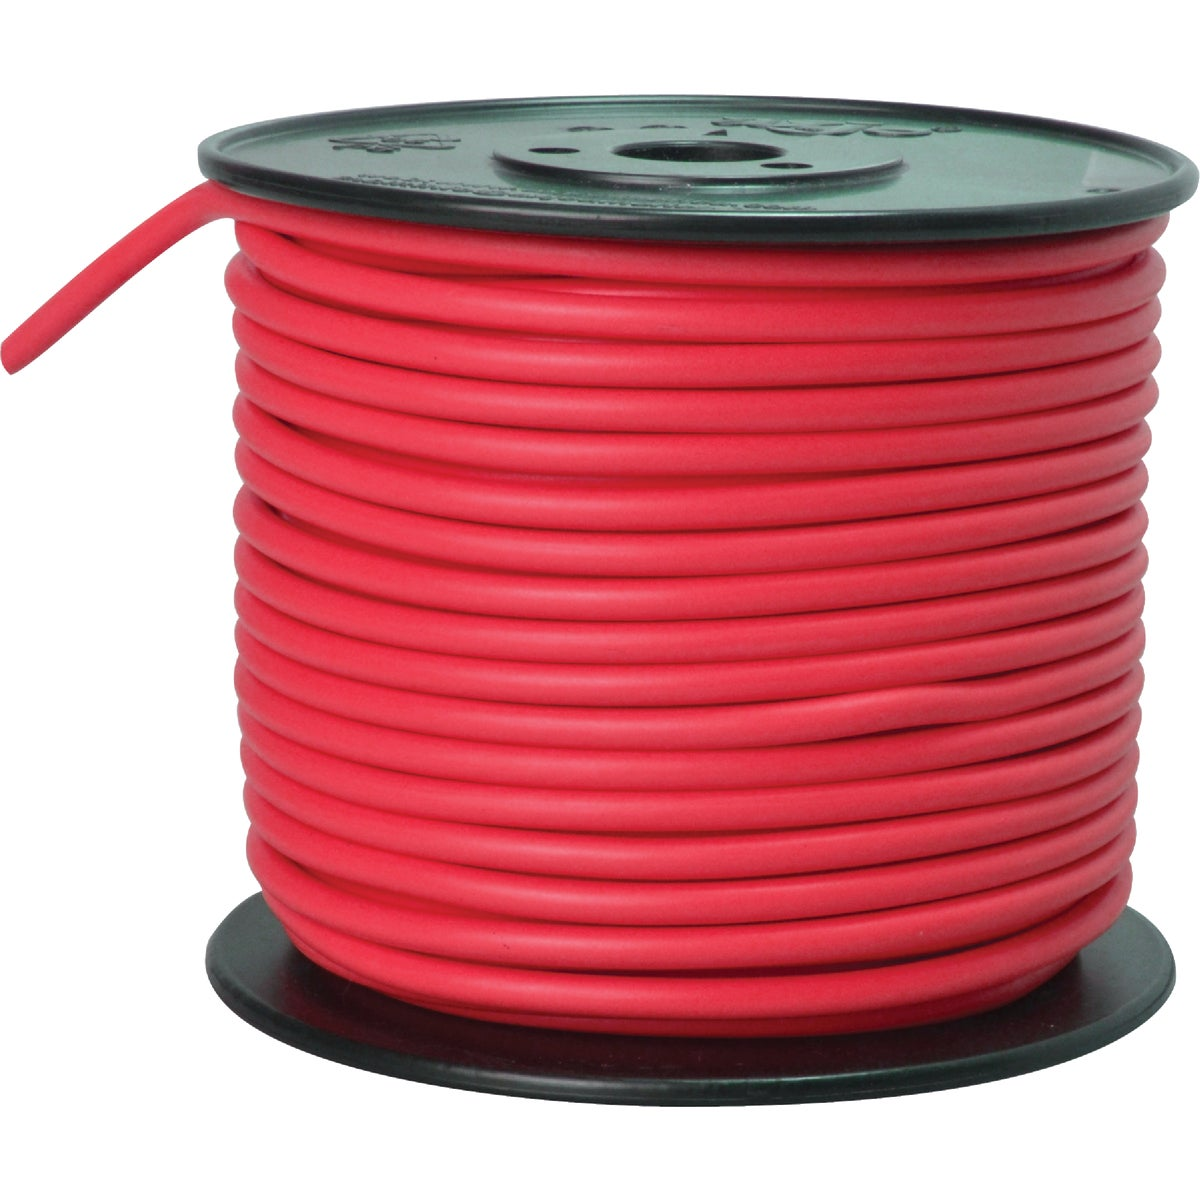 100' 10GA RED AUTO WIRE